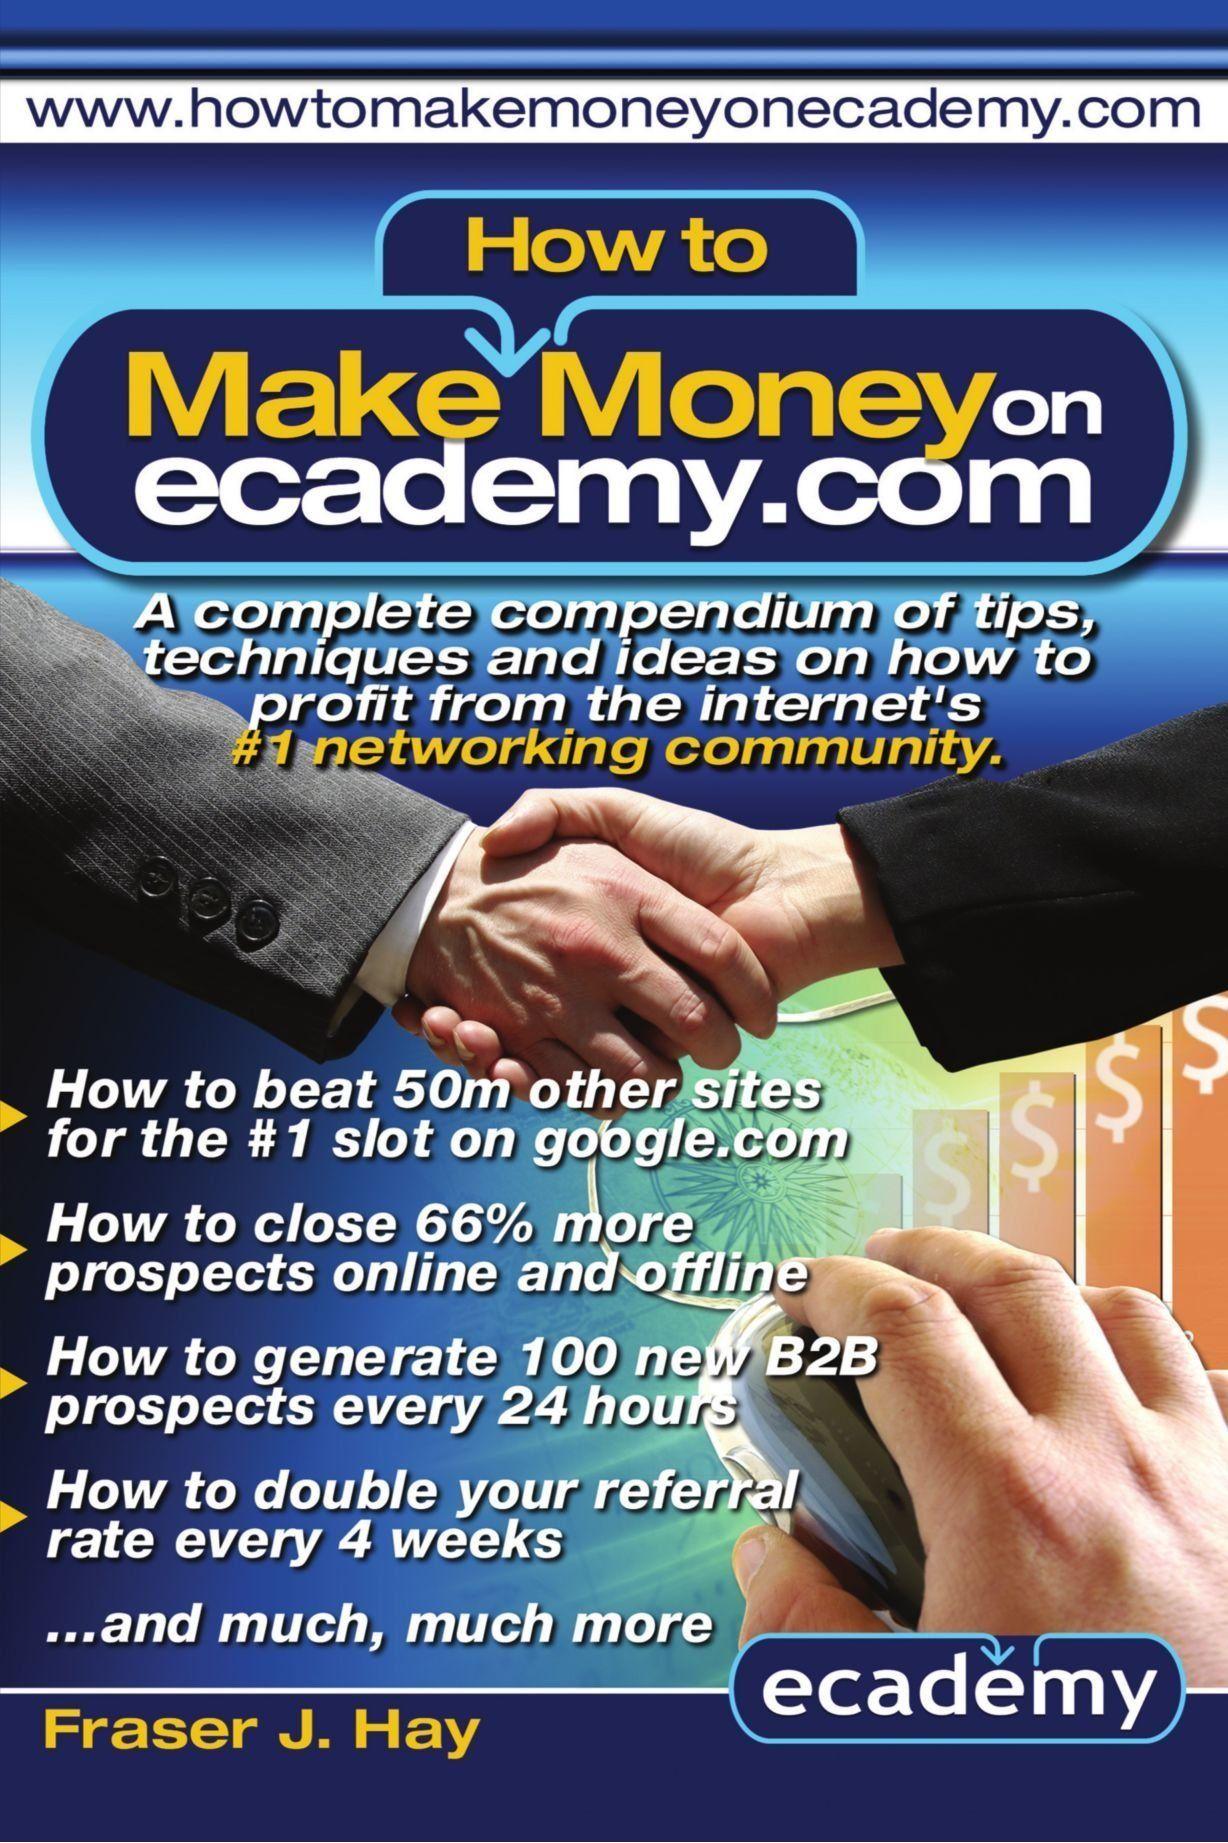 How To Make Money On Ecademy Presents Apletependium Of Tips,